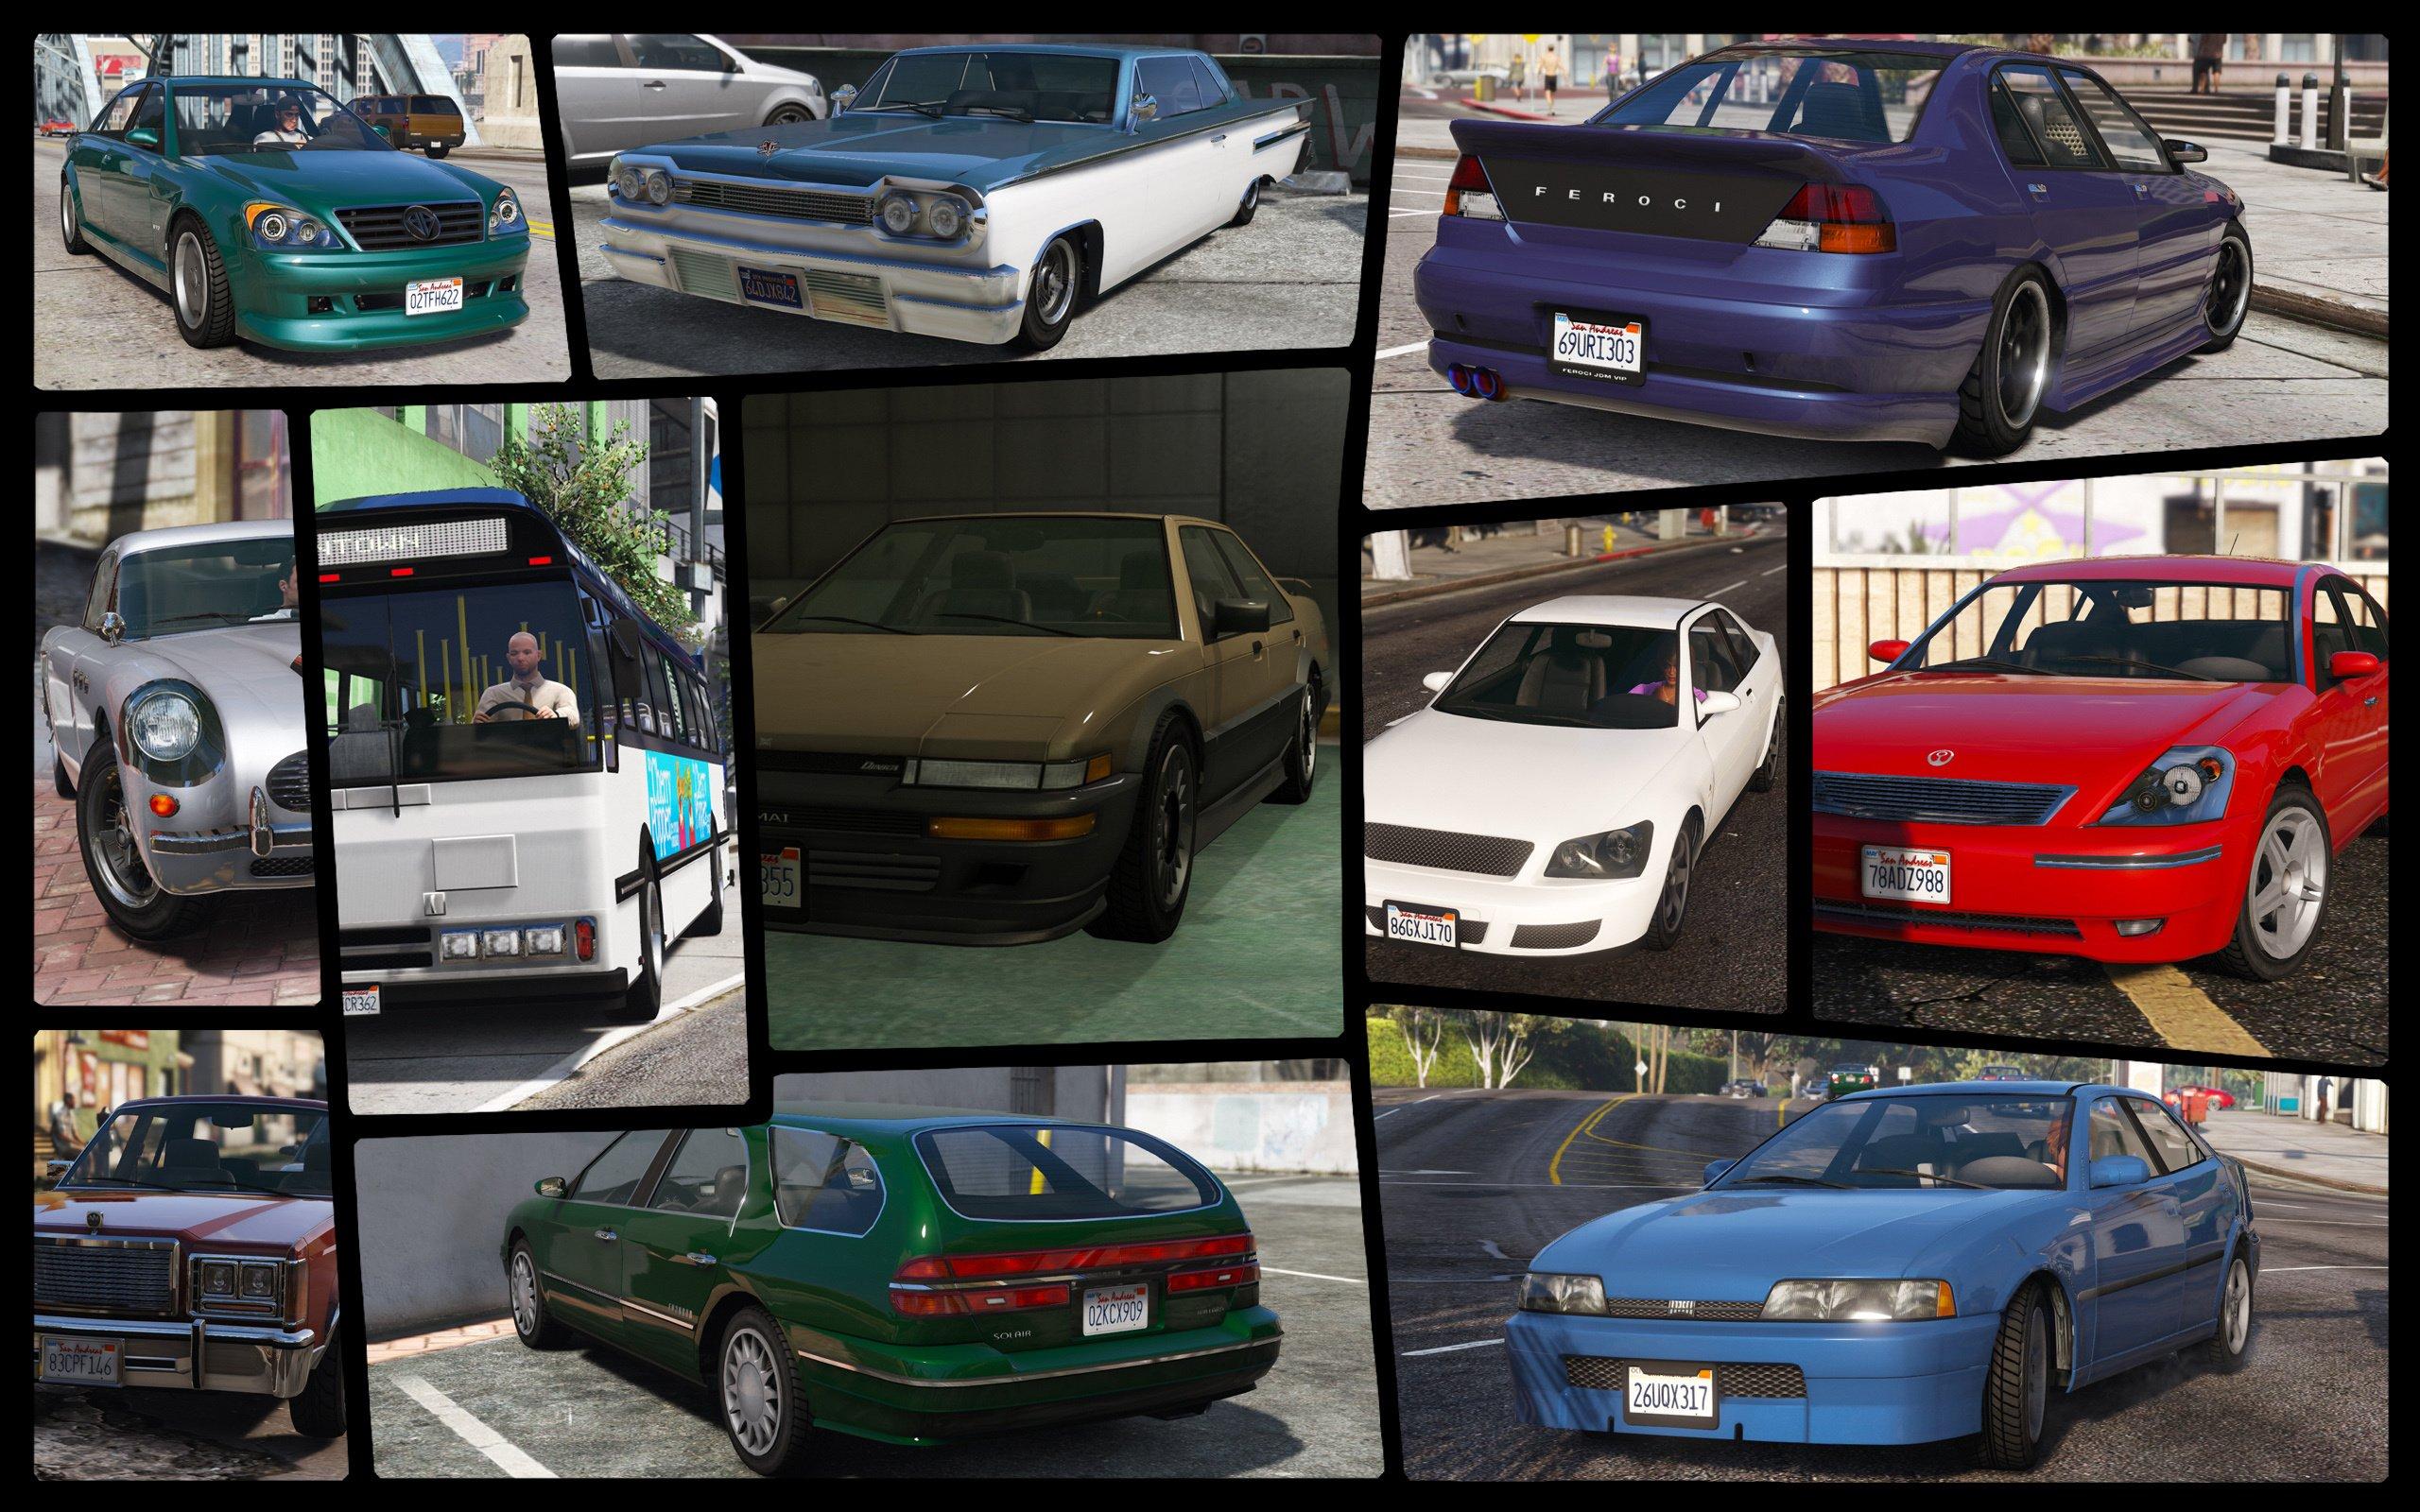 IVPack - GTA IV vehicles in GTA V - GTA5-Mods com